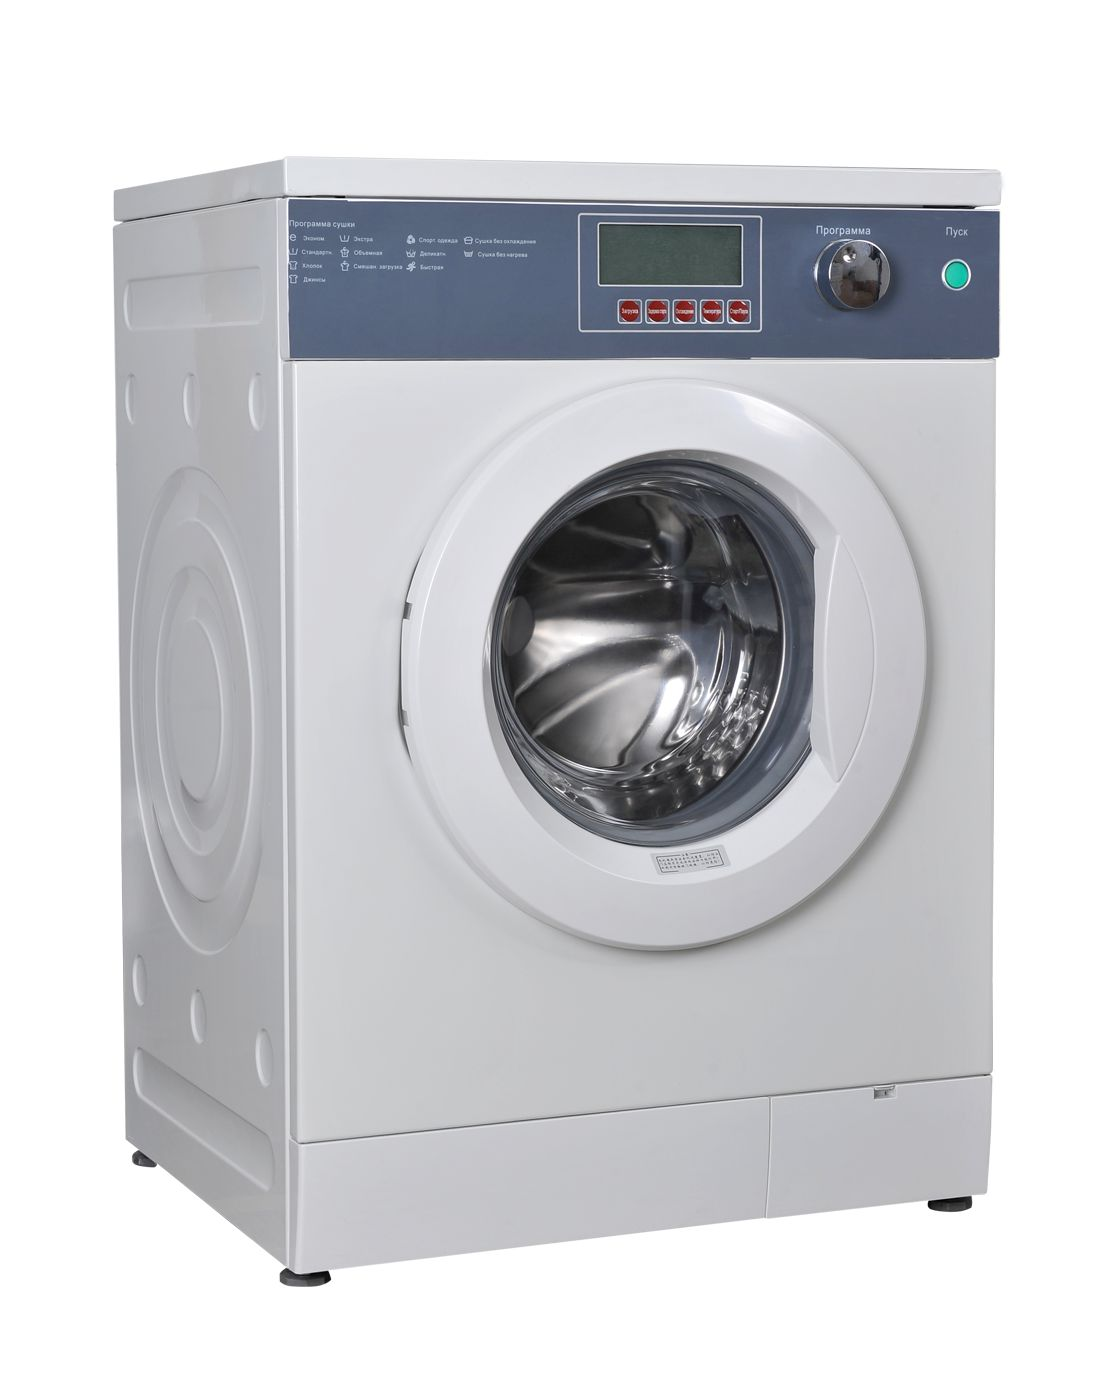 滚筒洗衣机尺寸规格_洗衣机